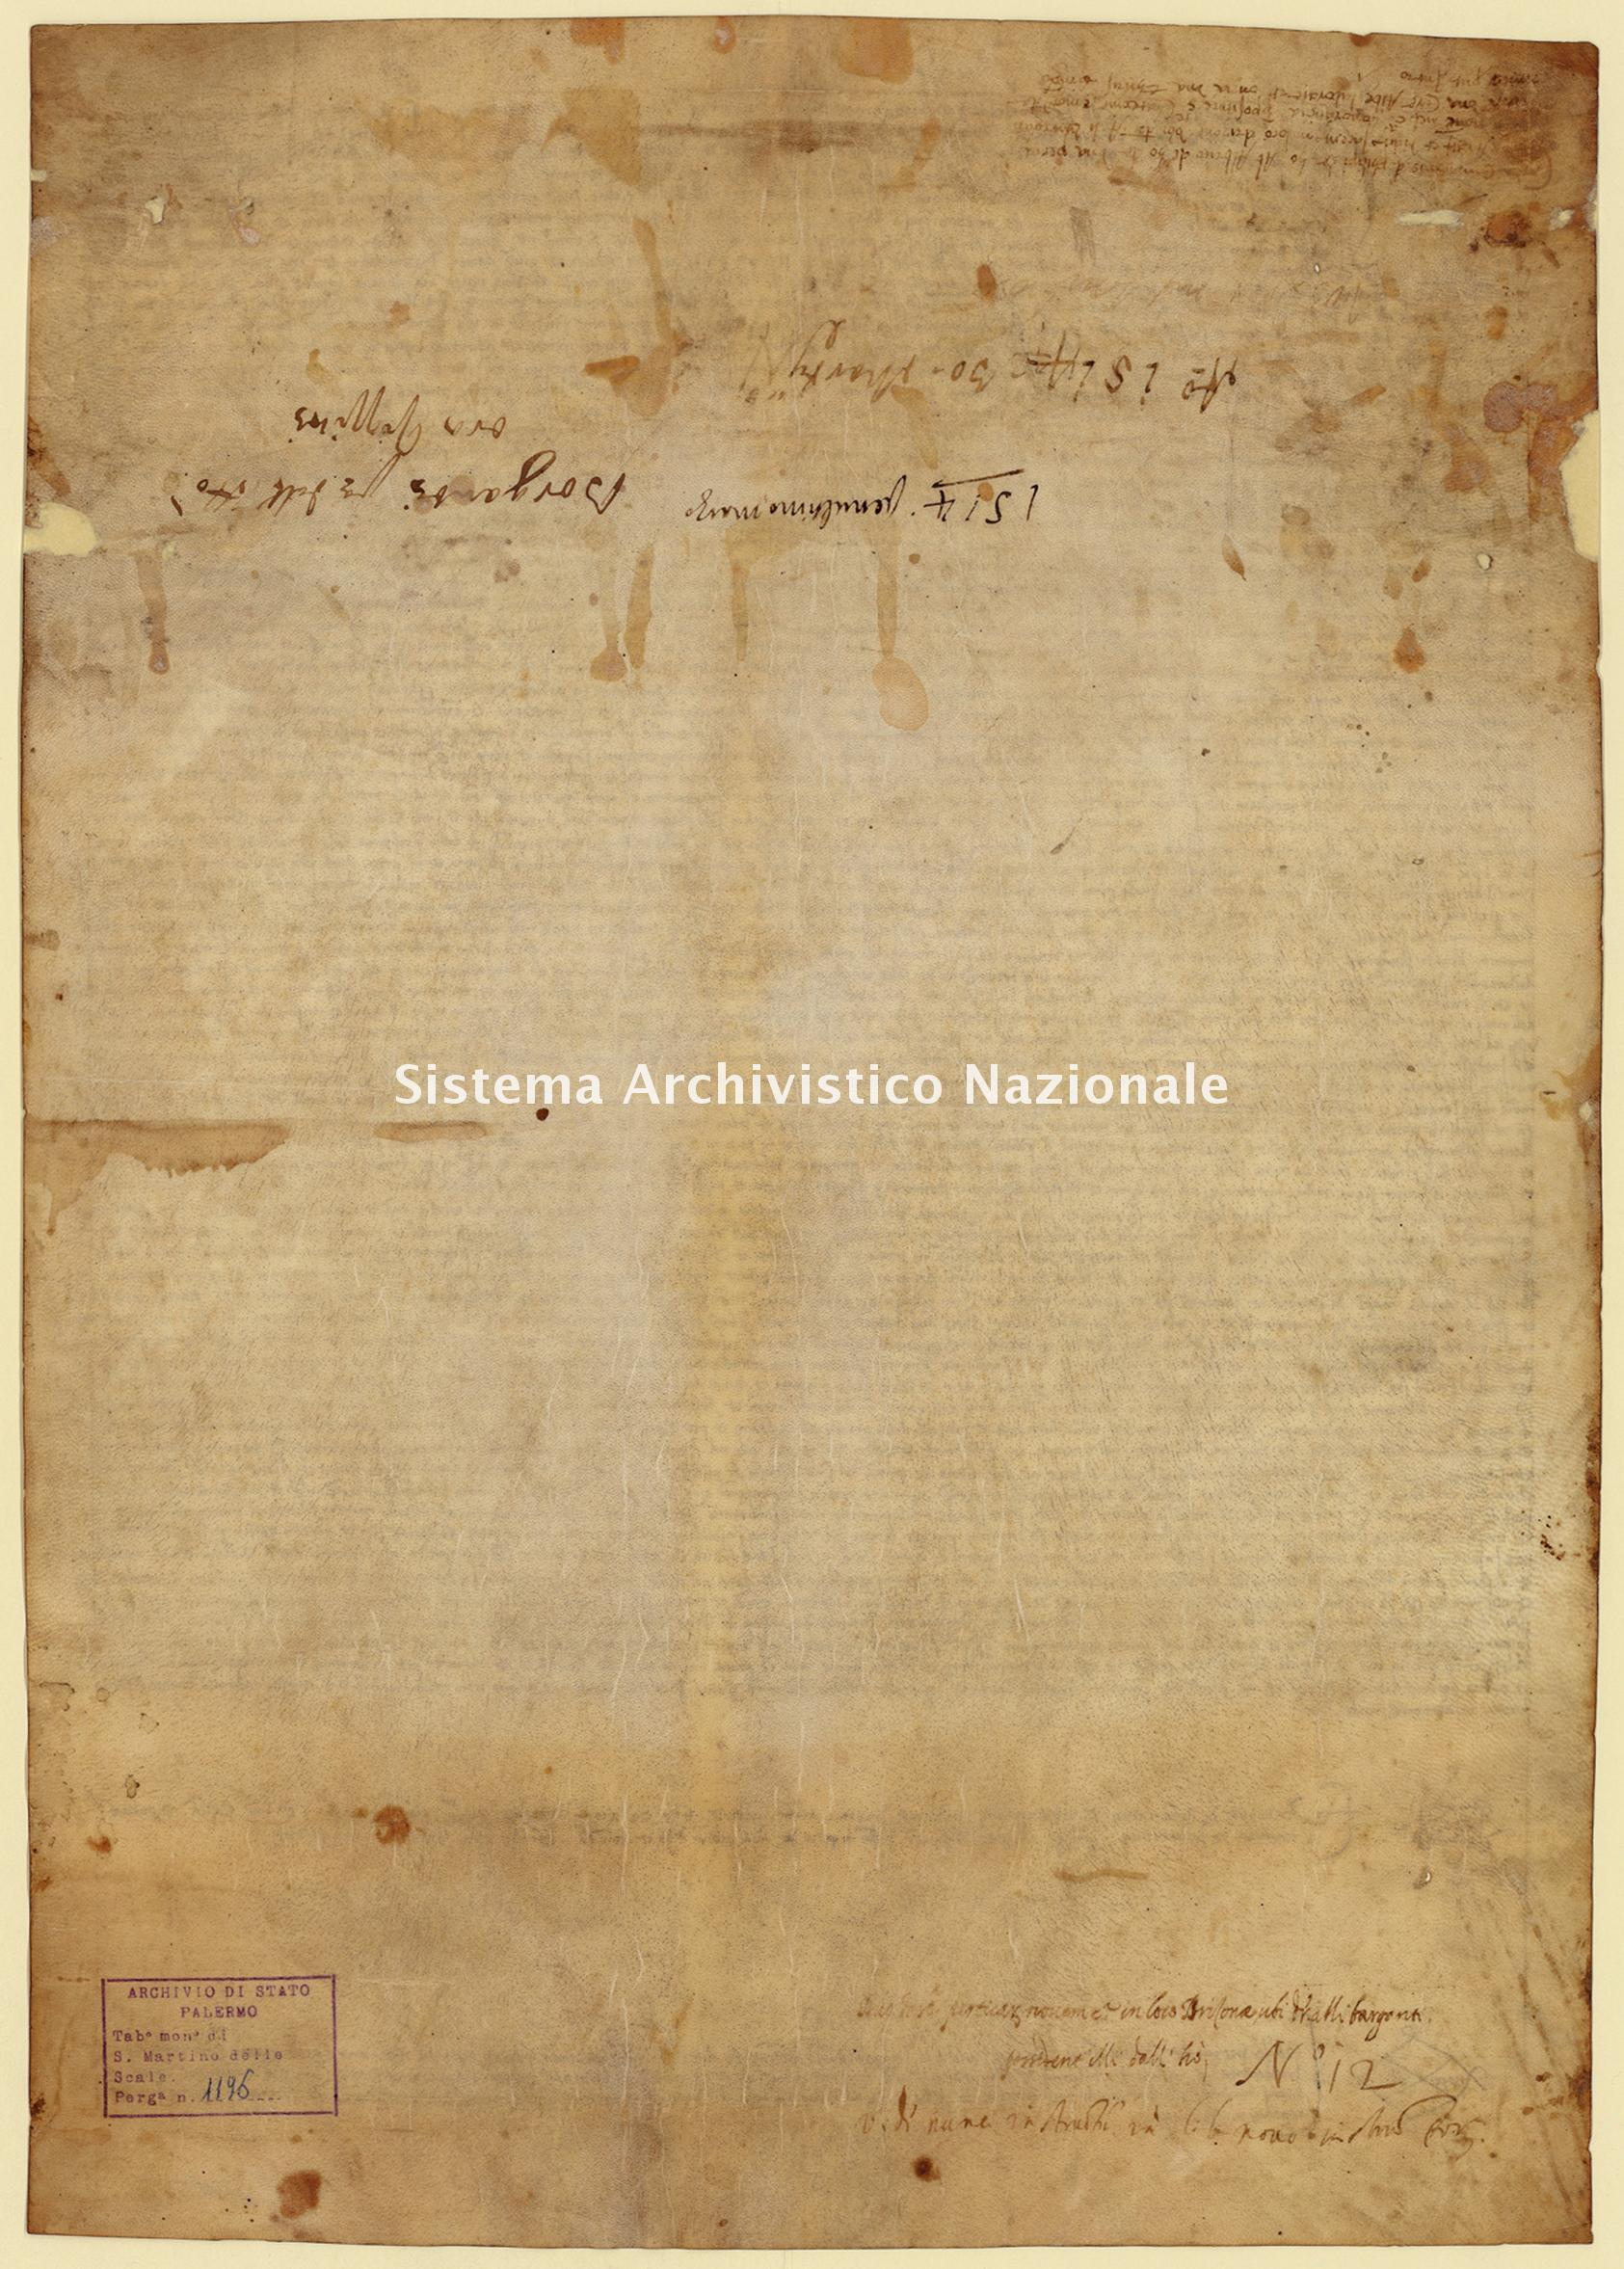 Archivio di Stato di Palermo, Diplomatico, Tabulario del monastero di San Martino delle Scale, Pergamena TSMS 1196